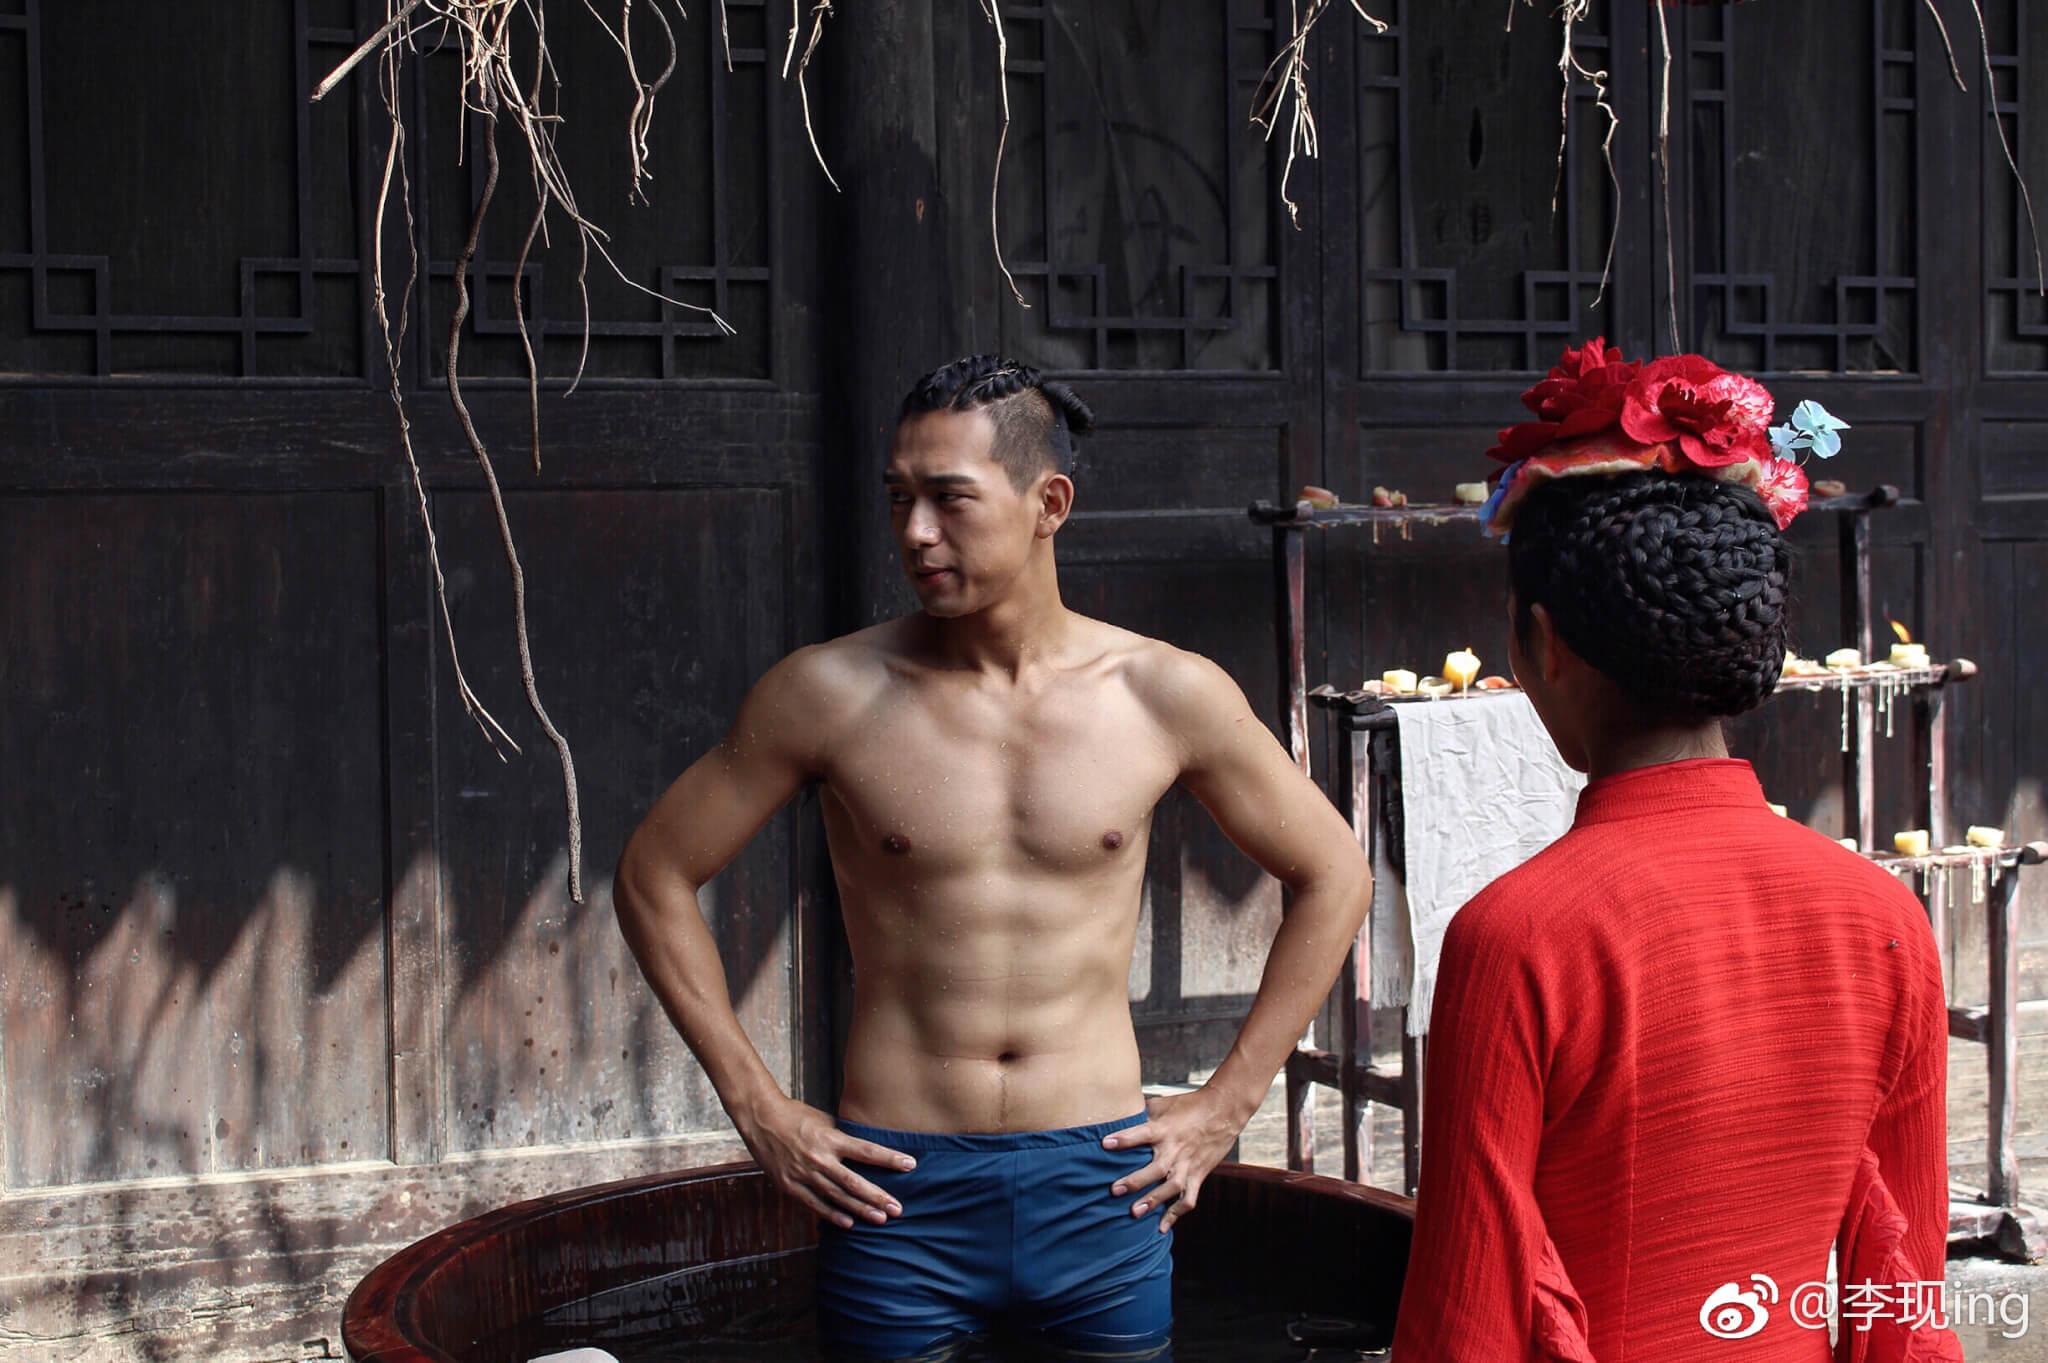 李現除了有一副好身材外,他更會彈結他,不過男神在初中時是個八十公斤的小胖子,果然胖子都是潛力股!